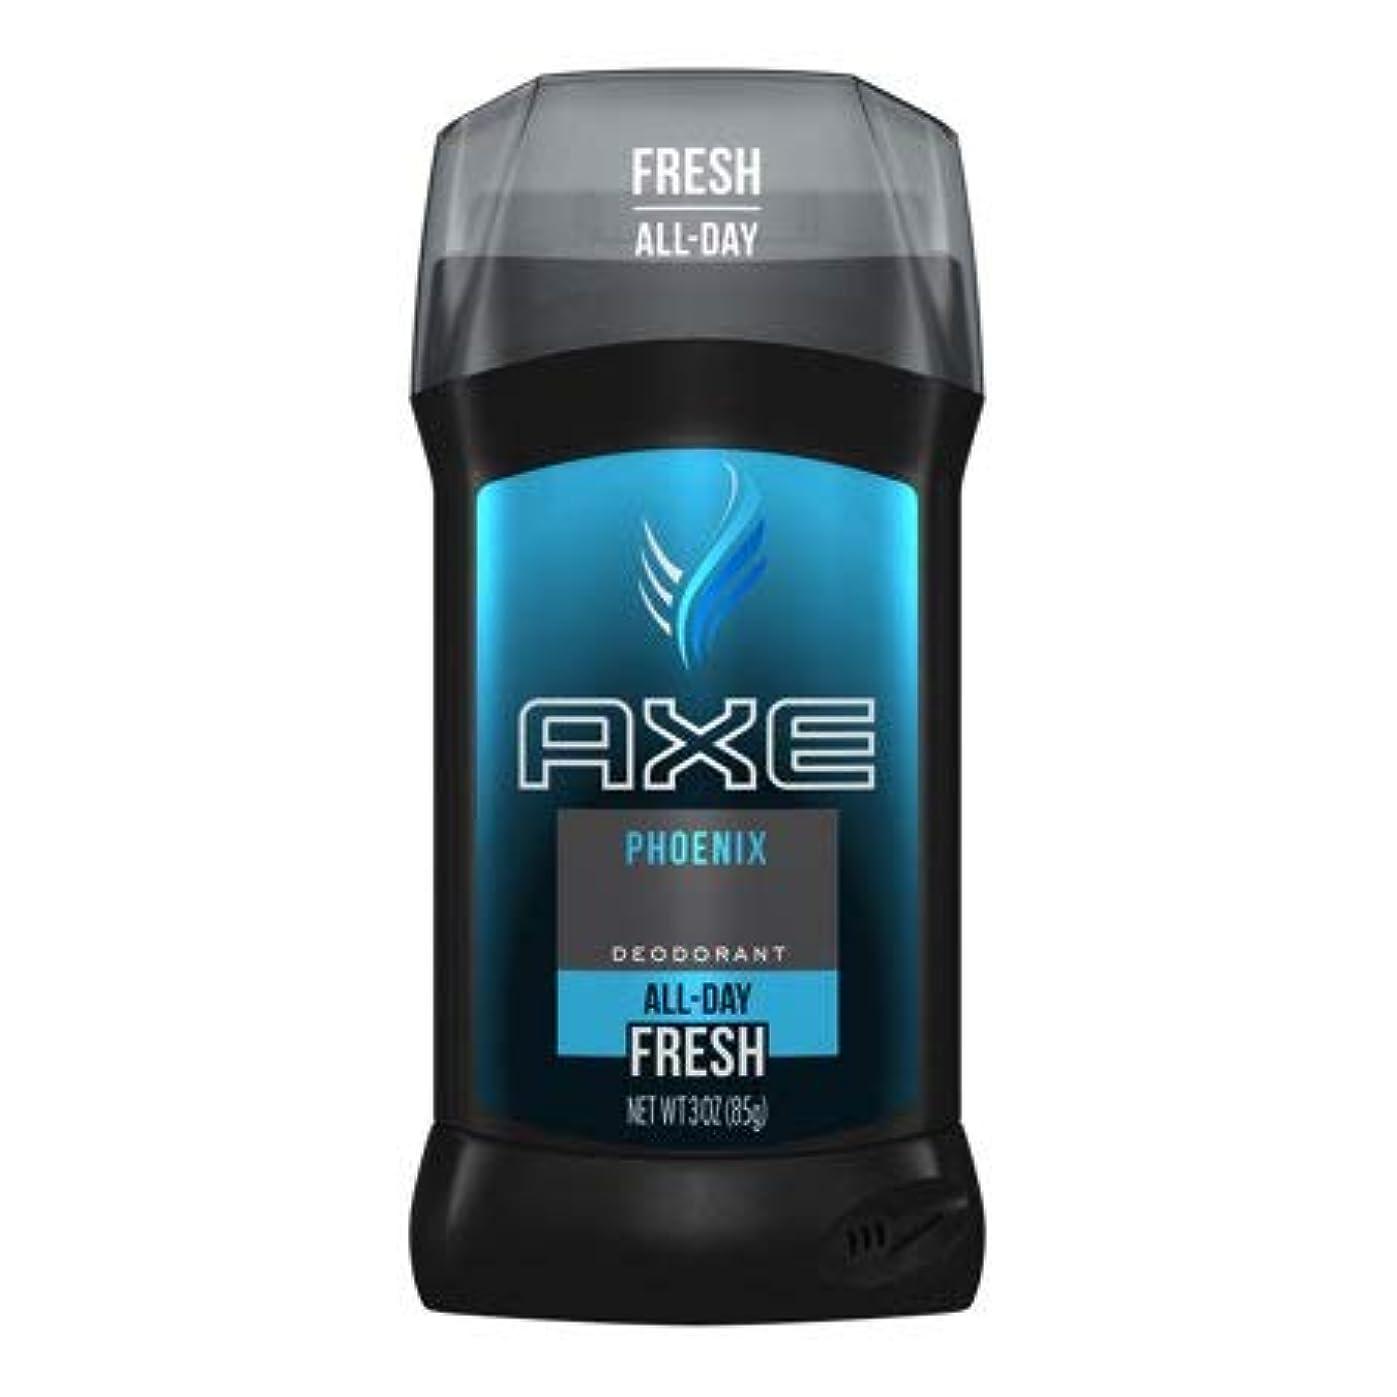 マーティンルーサーキングジュニア進捗付けるAXE Phoenix Deodorant Stick Fresh 3 oz アクセ フェニックス フレッシュ デオドラント 海外直送品 [並行輸入品]